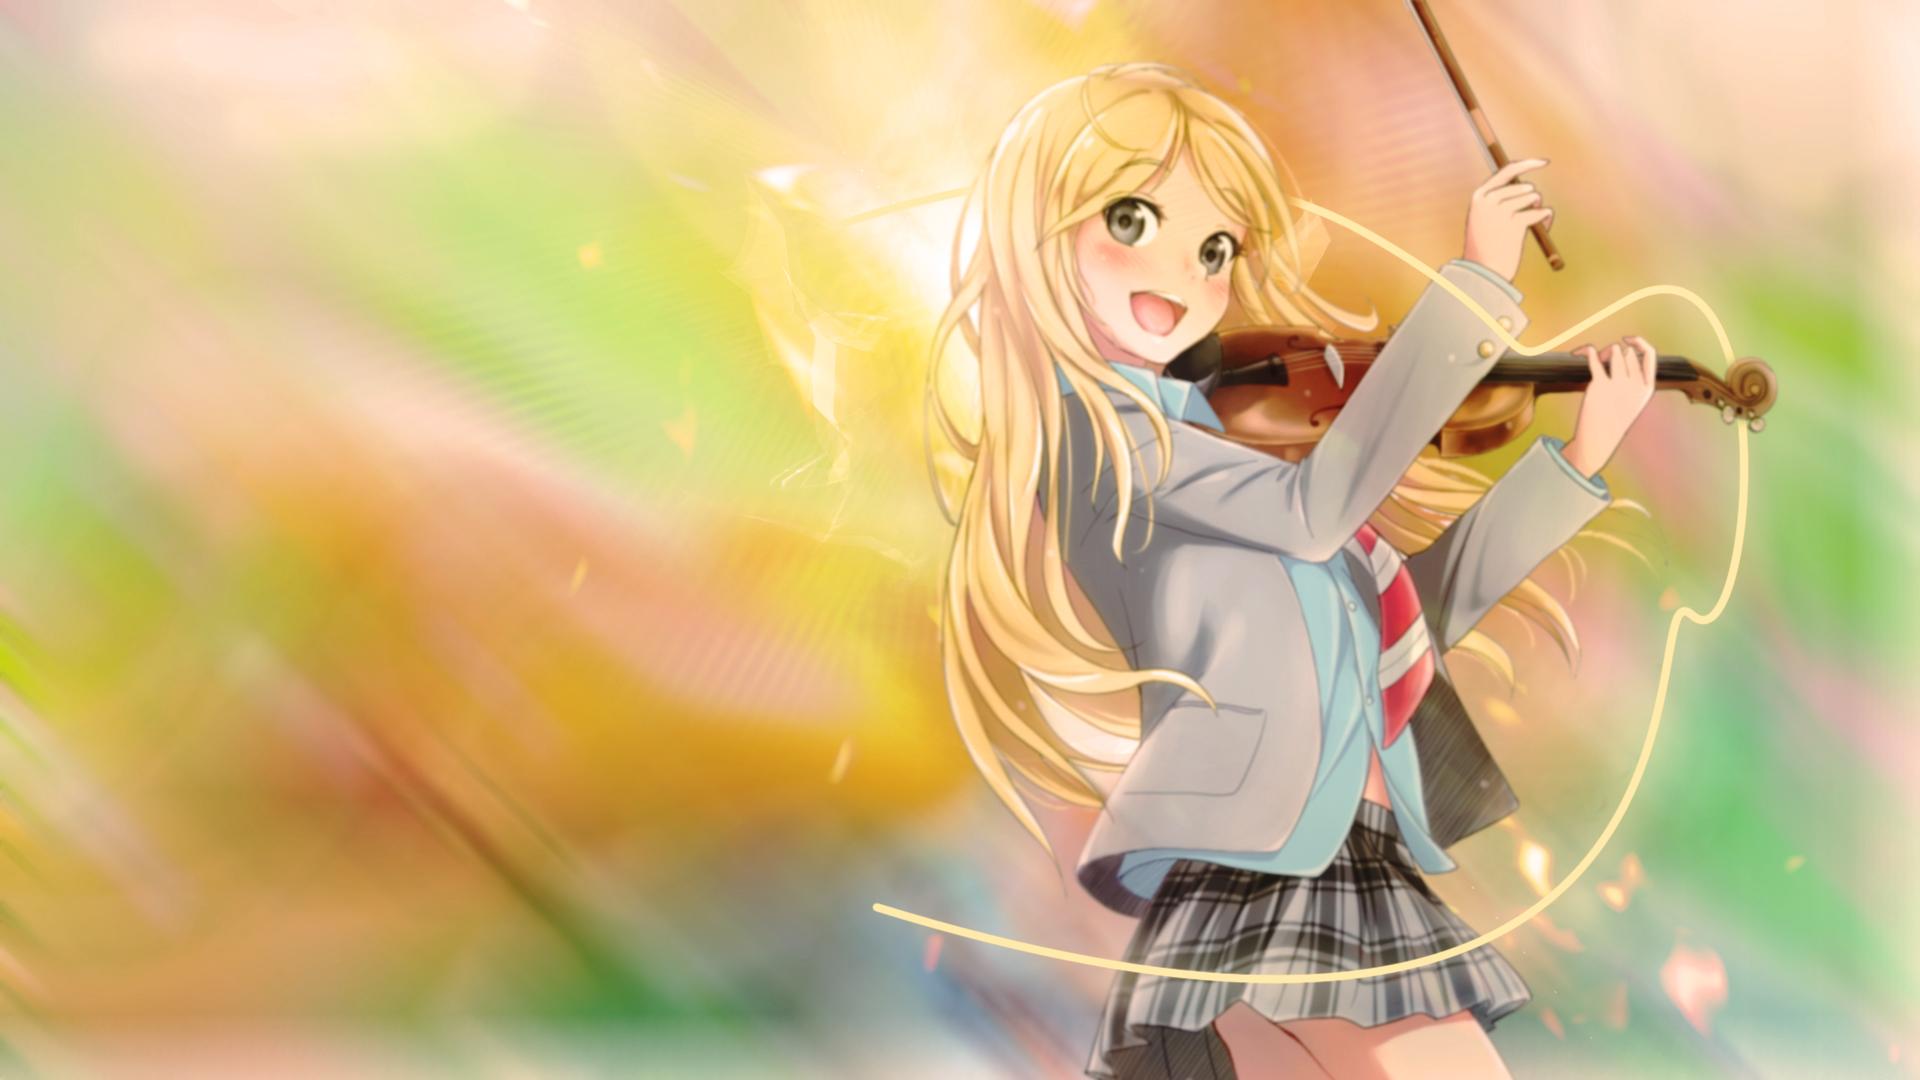 Free Kaori Miyazono Wallpaper